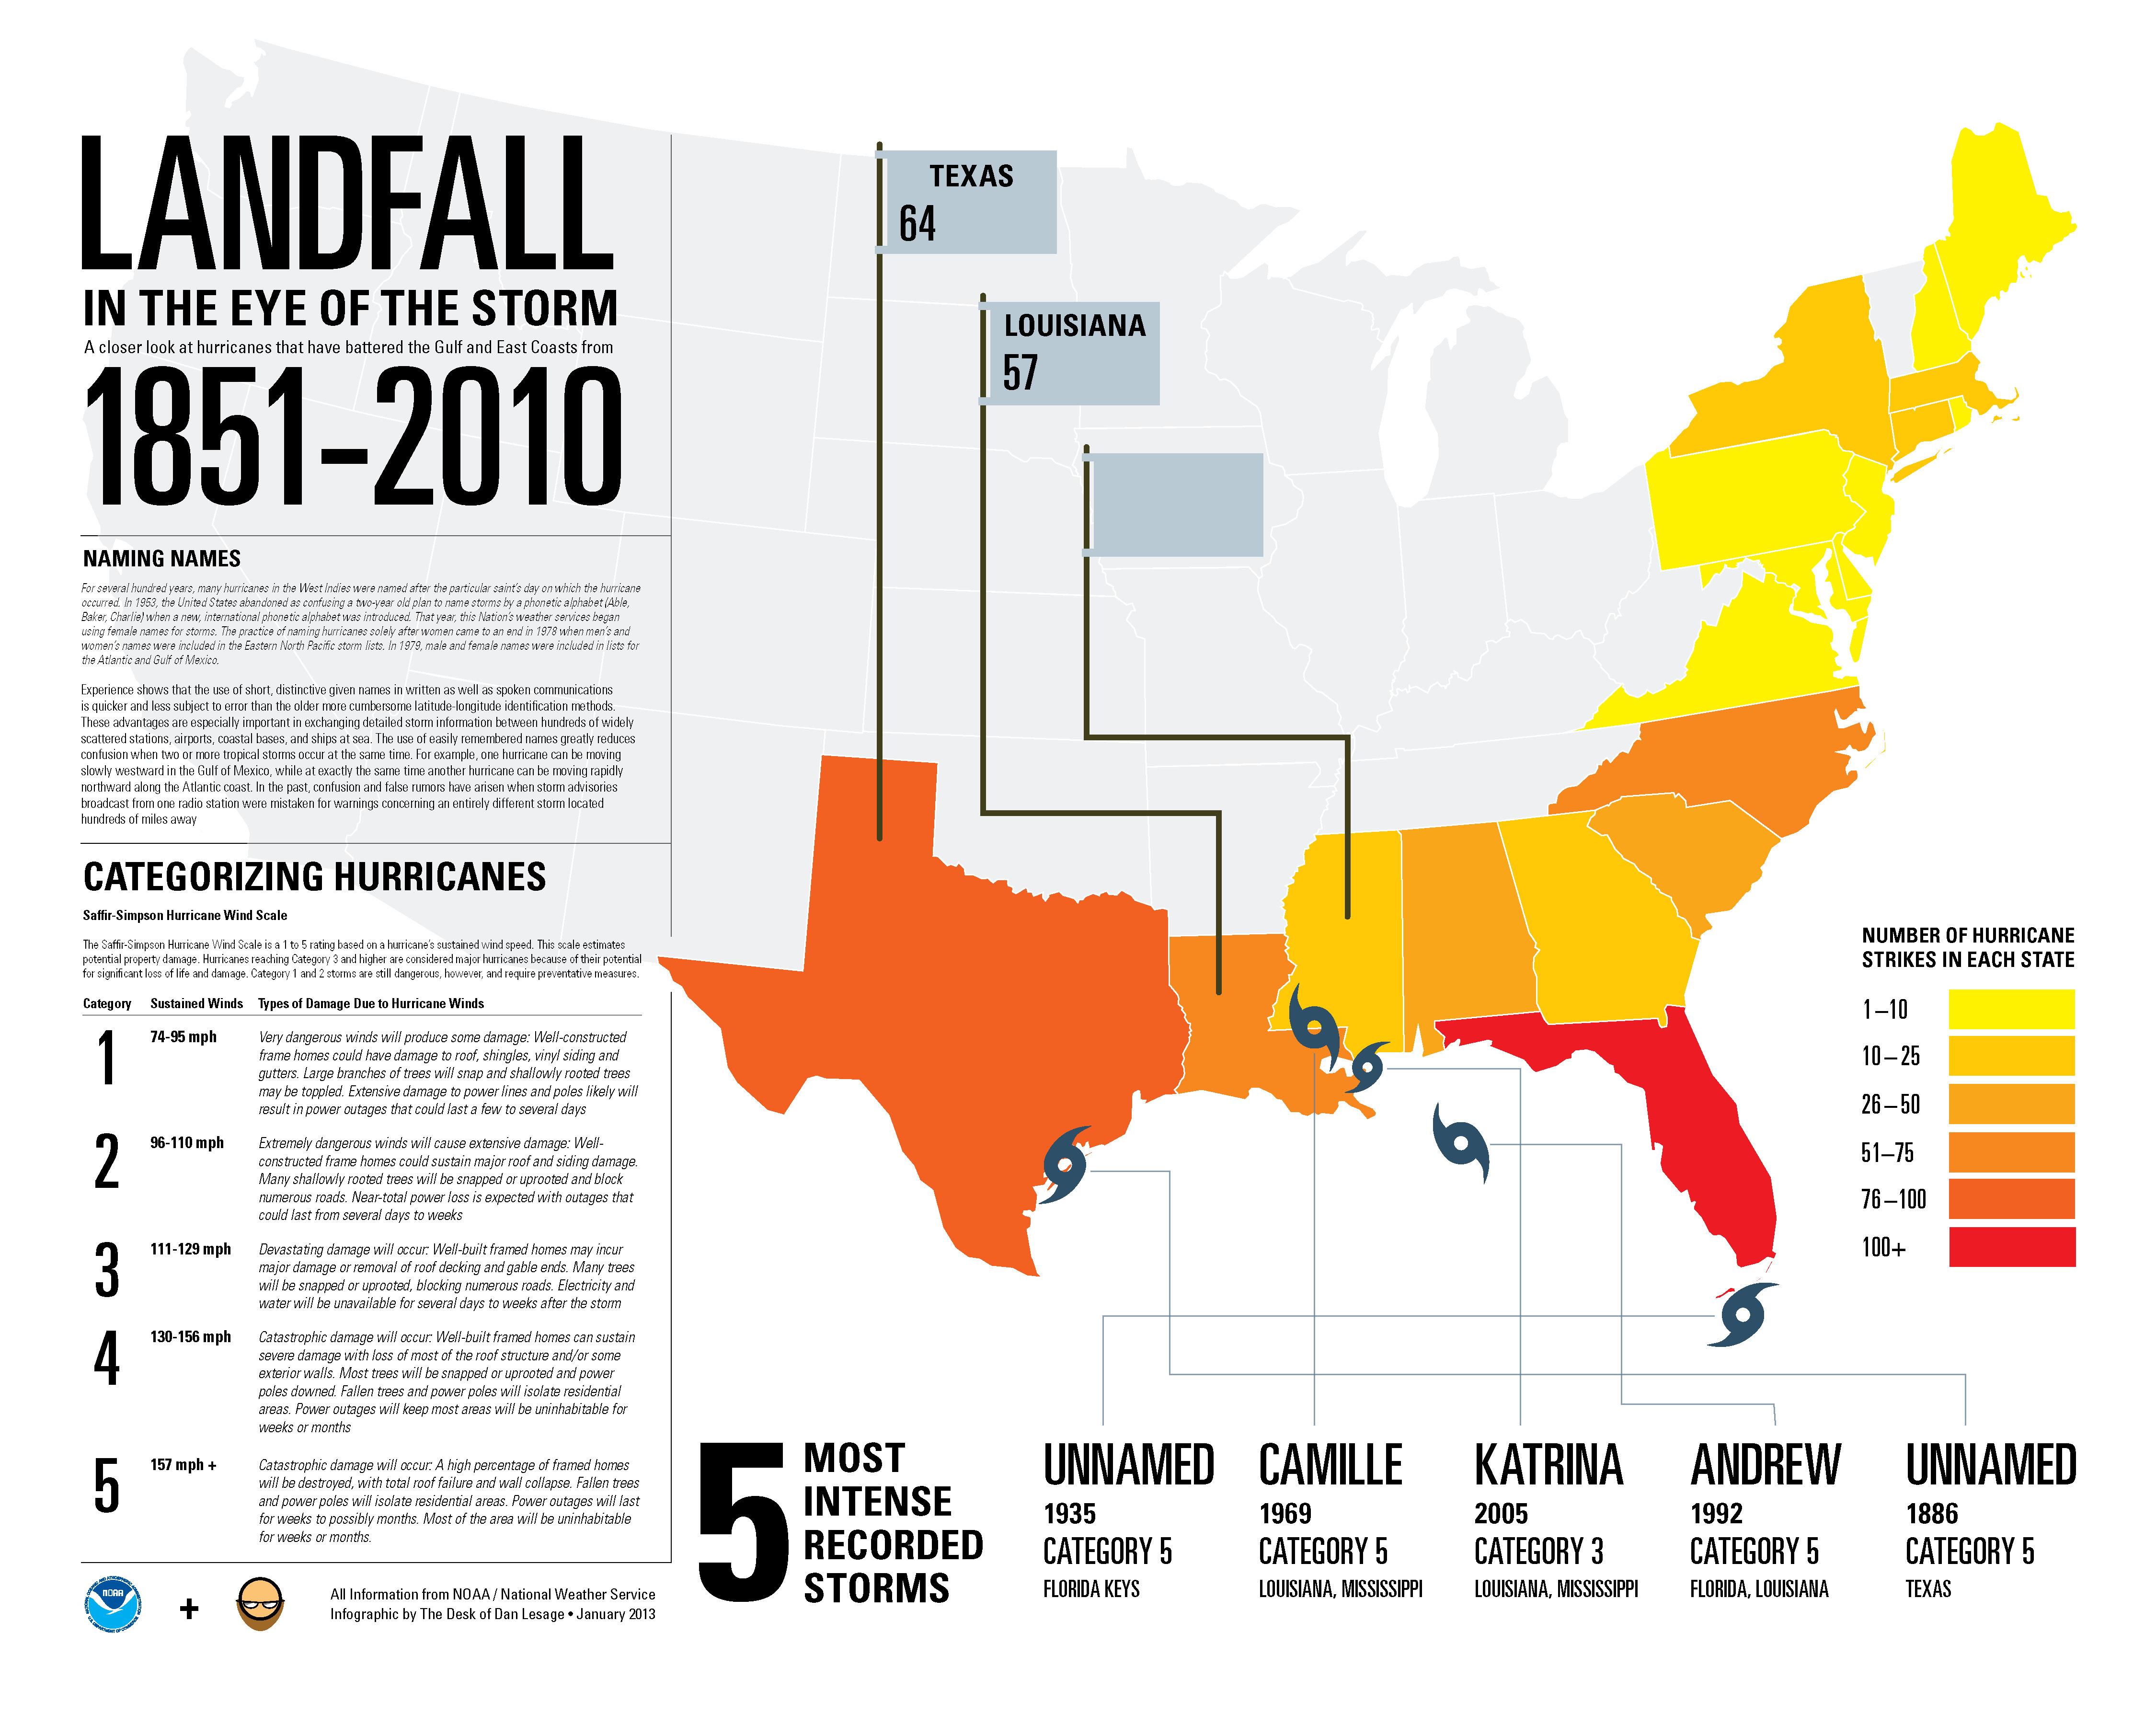 Hurricane infographic - R̶o̶u̶n̶d̶ ̶2̶ R̶O̶U̶N̶D̶ ̶3̶  FINAL - image 3 - student project